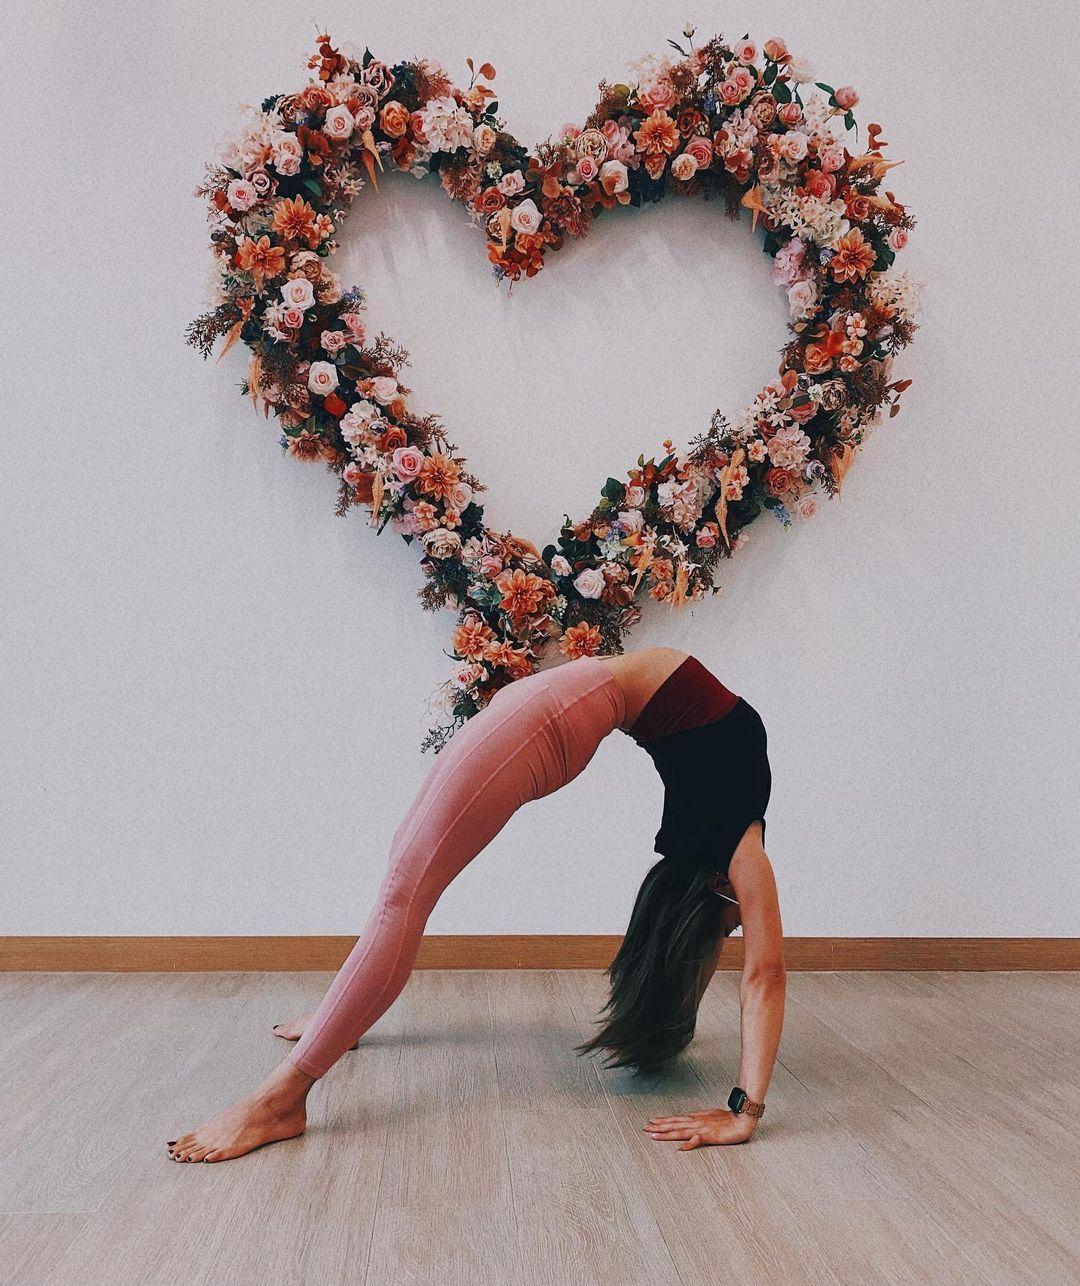 身形健康又美丽的瑜伽老师newayyee竟是香港空姐 宅猫猫 热图4